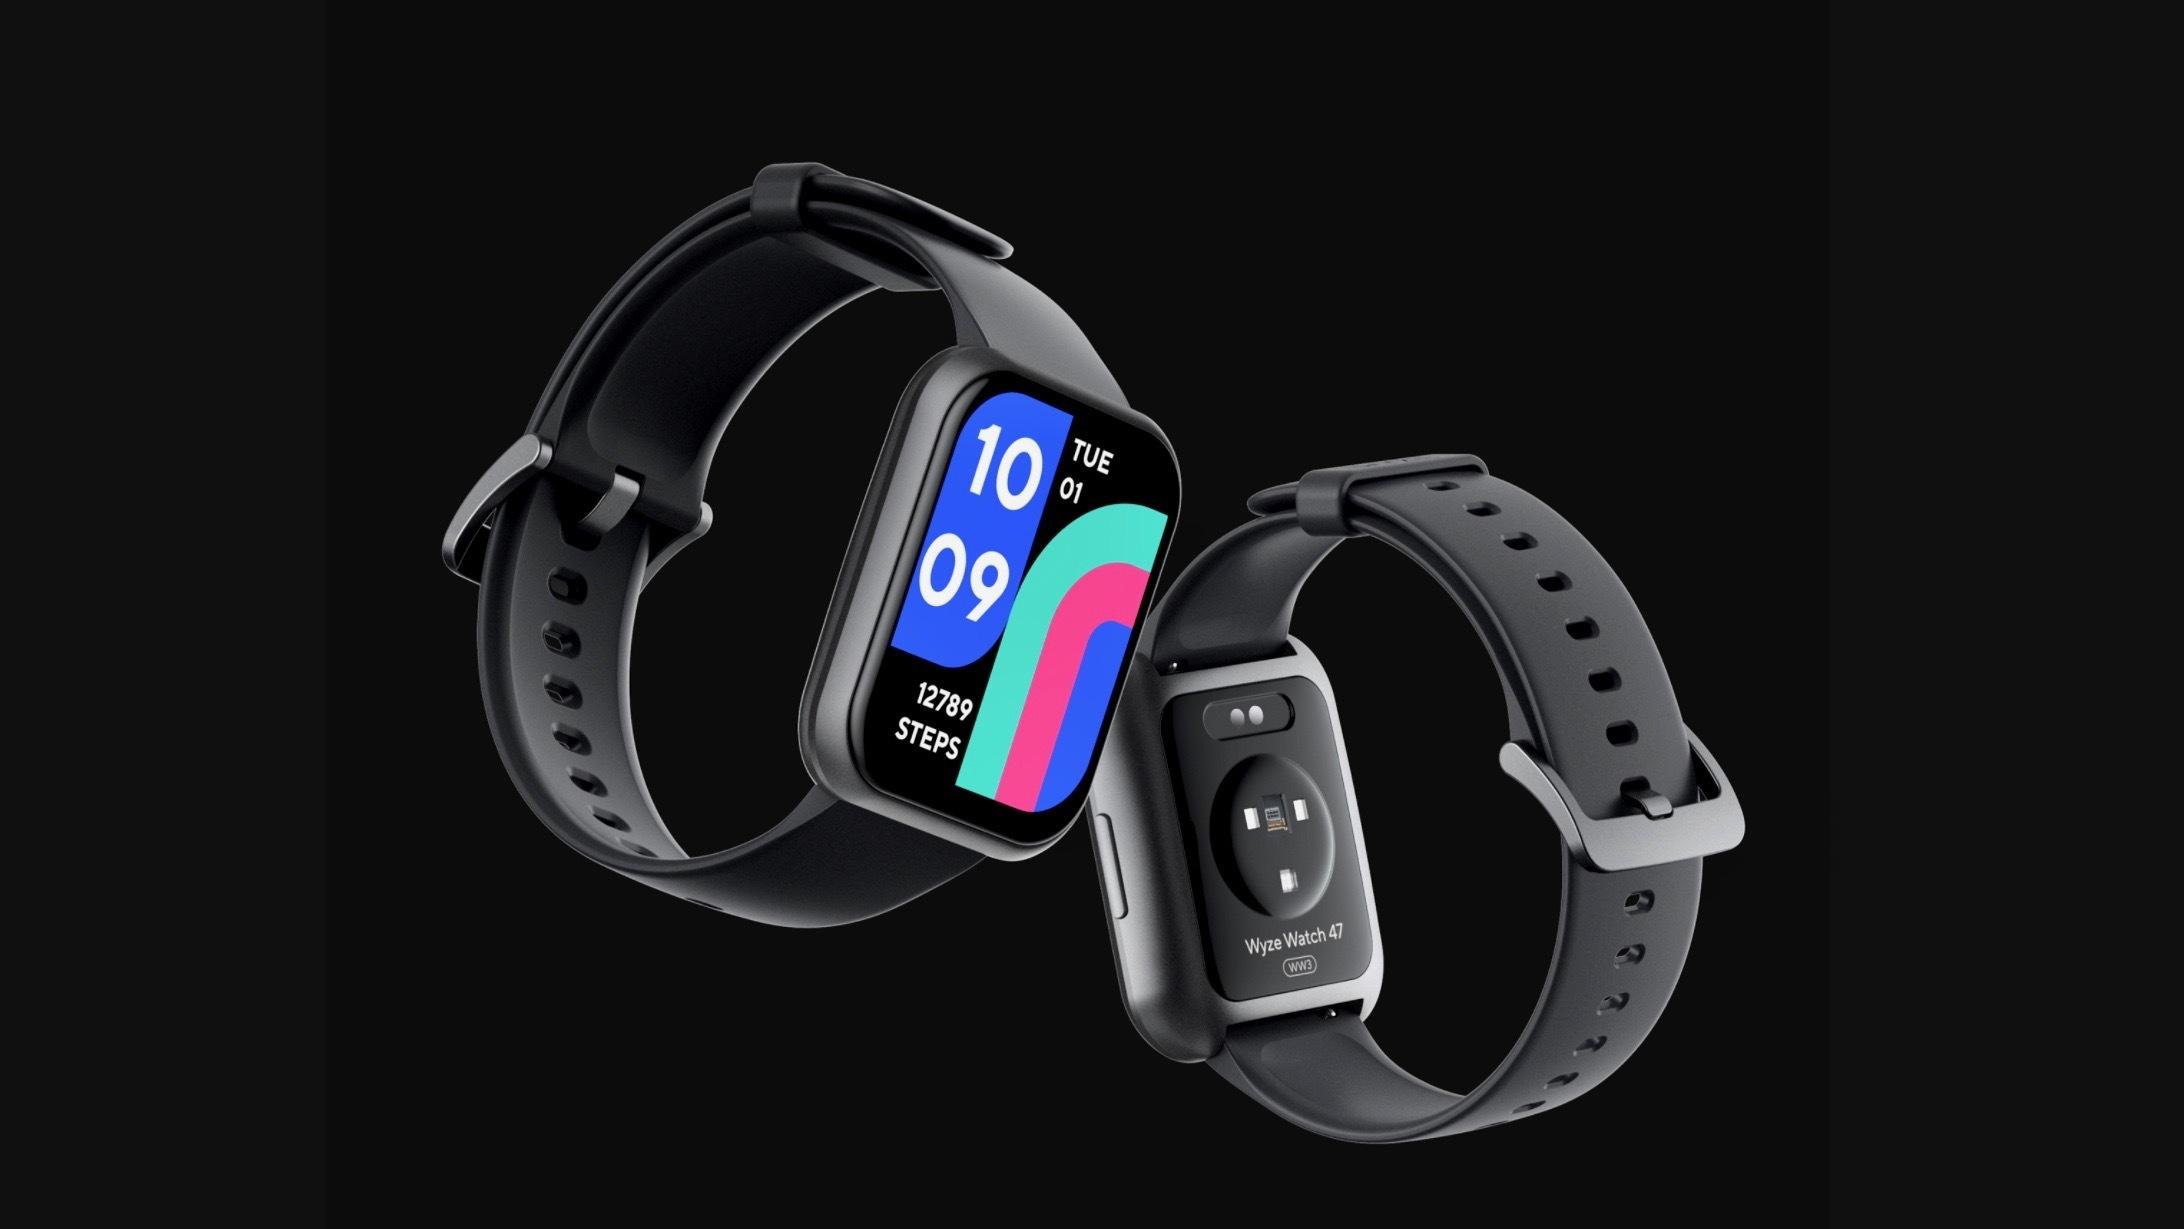 Wyze Watch, un smartwatch muy completo por solo 20 dólares